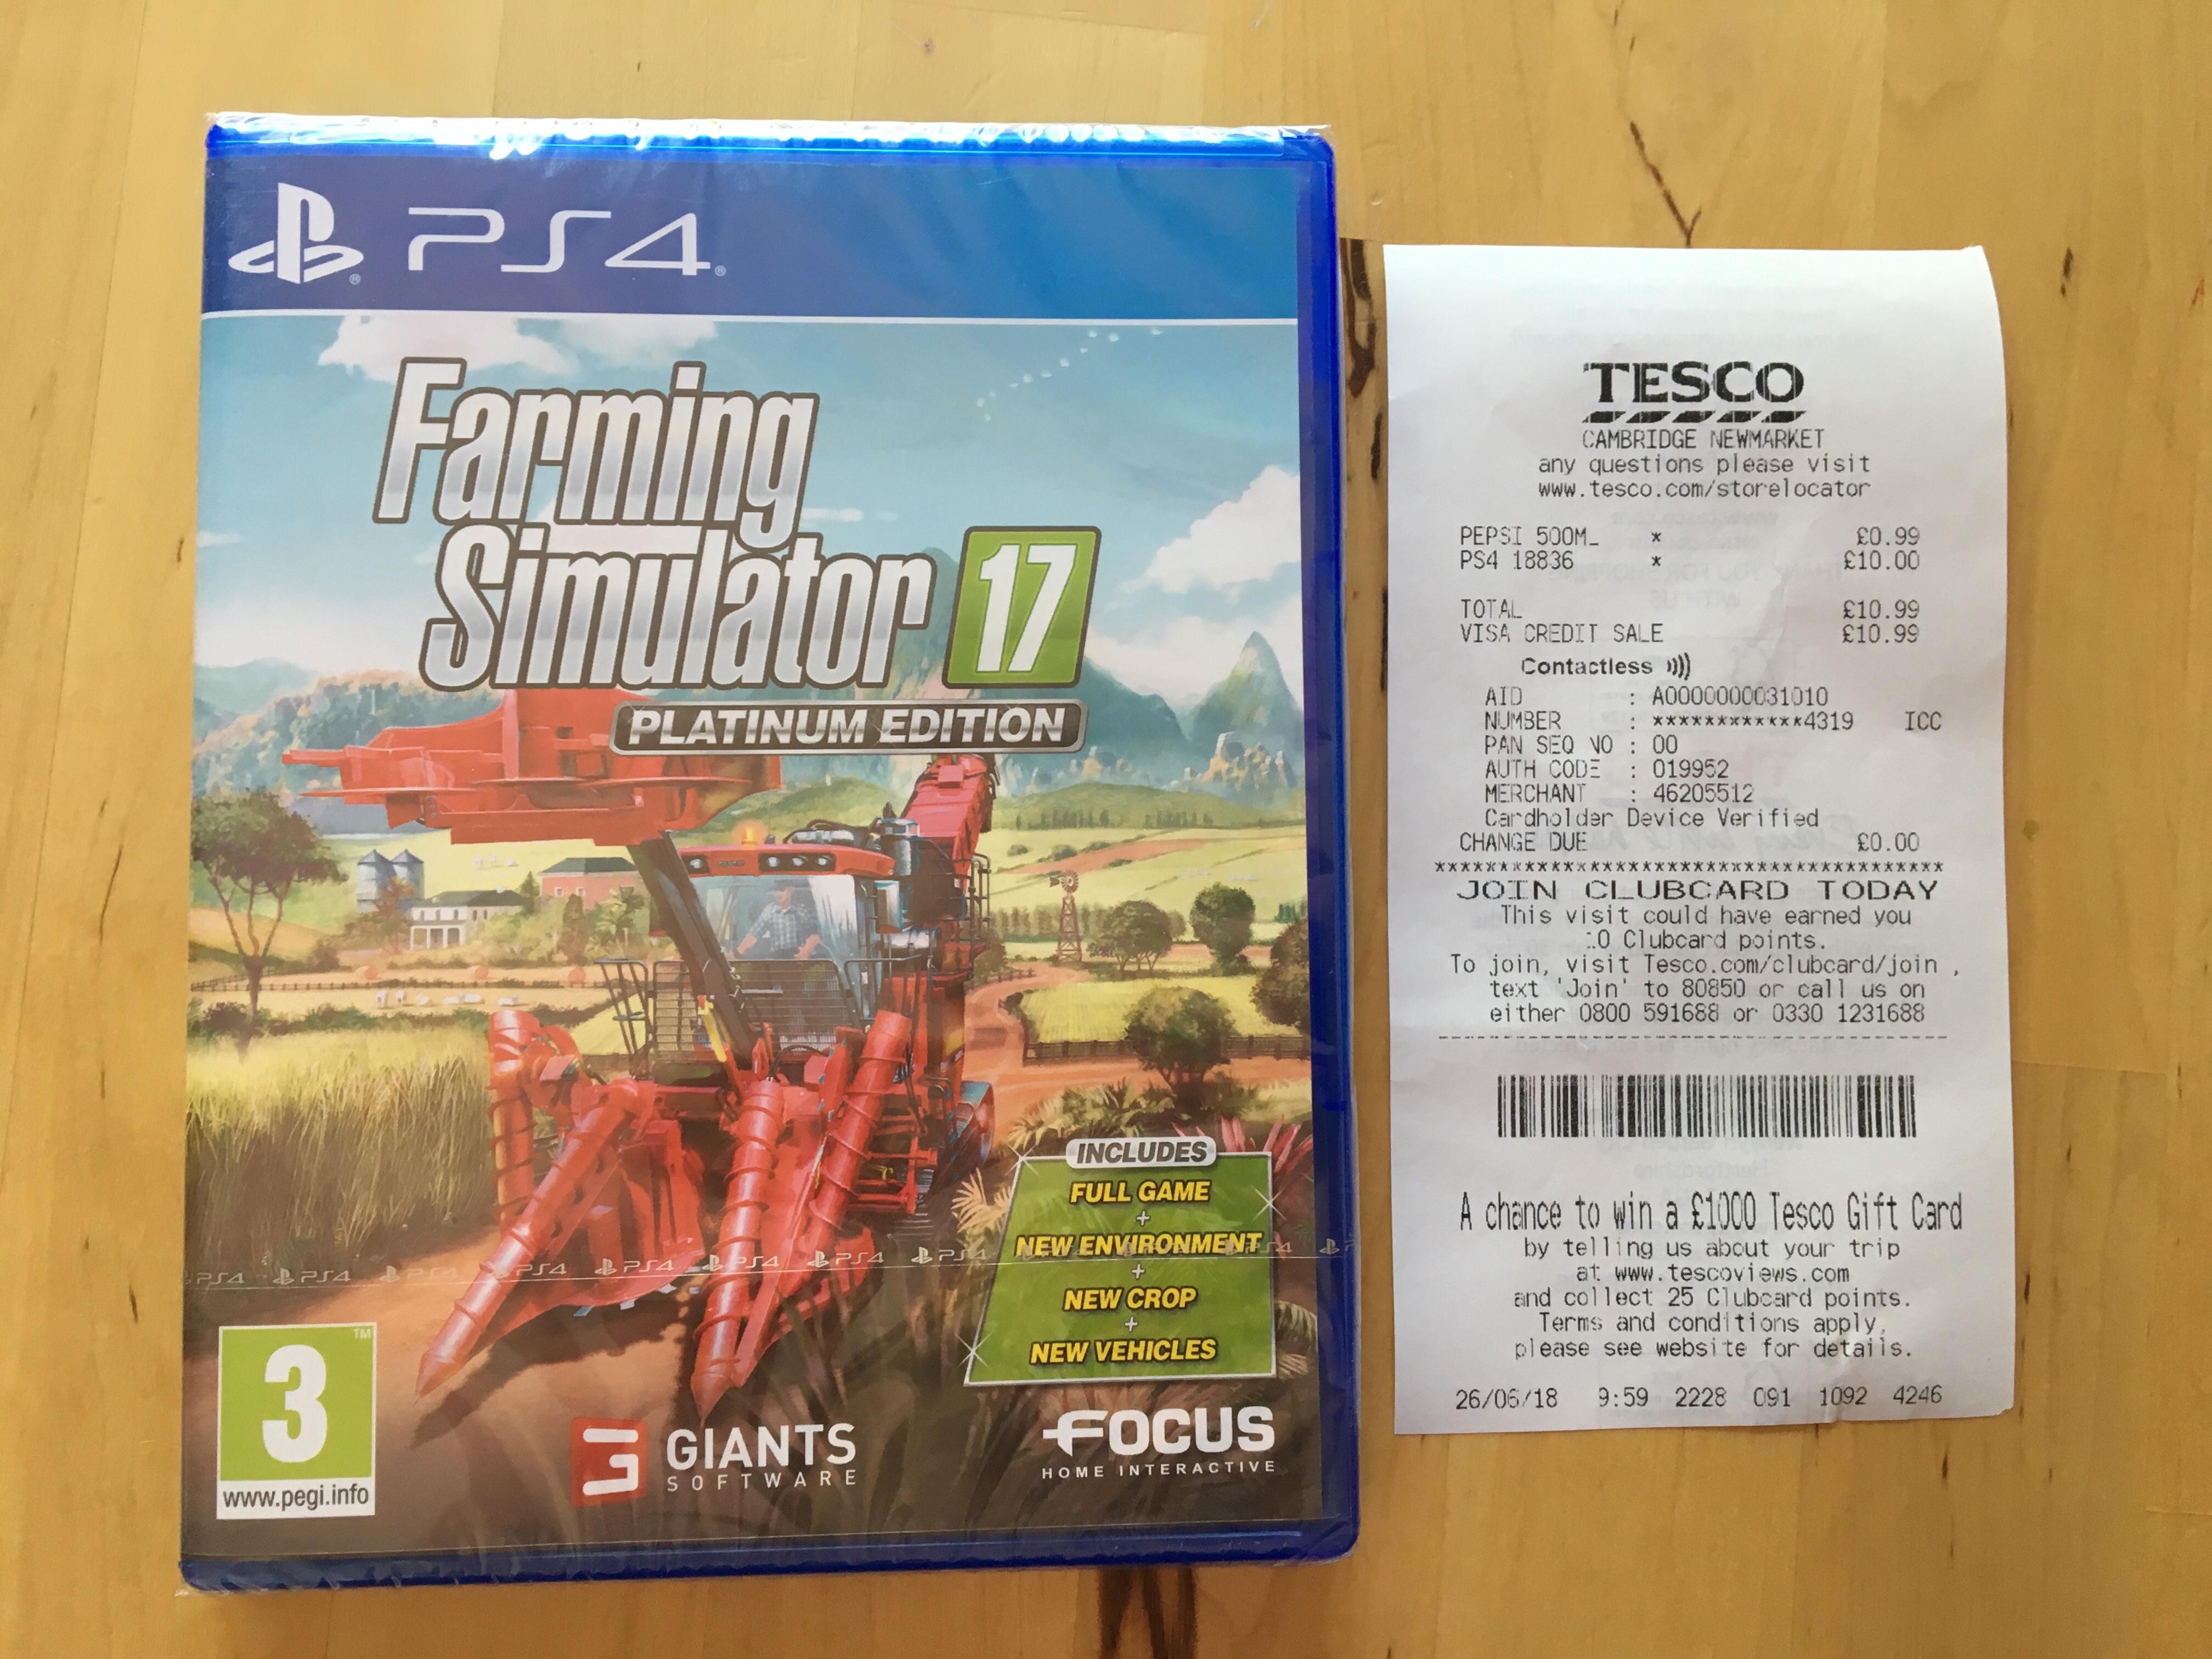 Farming Simulator 17 - Platinum Edition £10 at Tesco instore